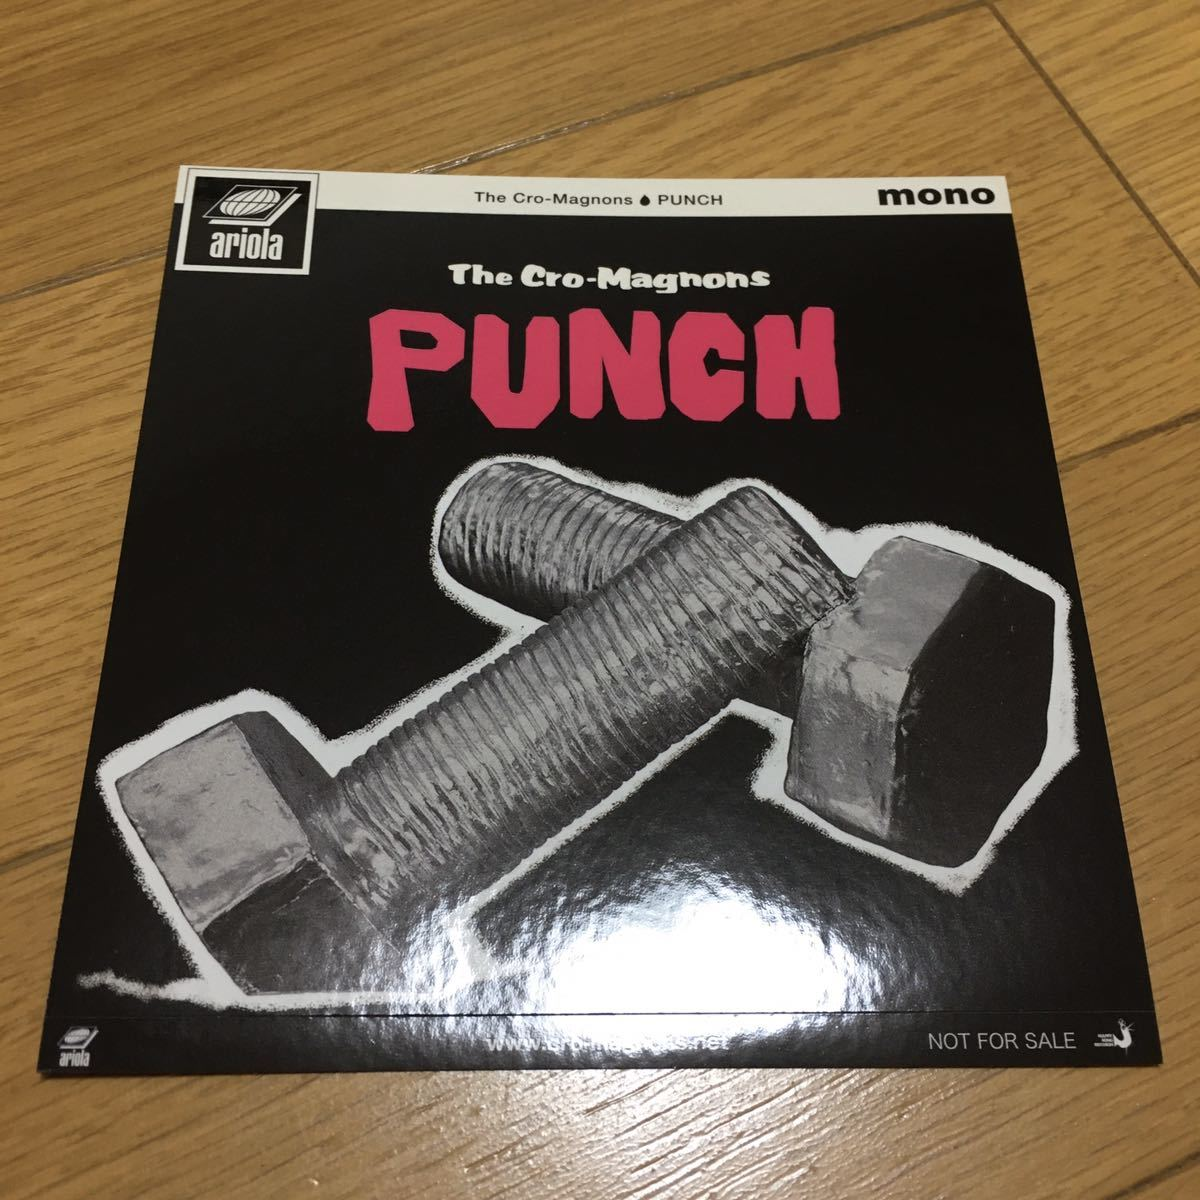 限定 ステッカー付 ザ・クロマニヨンズ PUNCH 完全生産限定盤 180グラム重量盤レコード レコード ステッカー 新品 未開封品